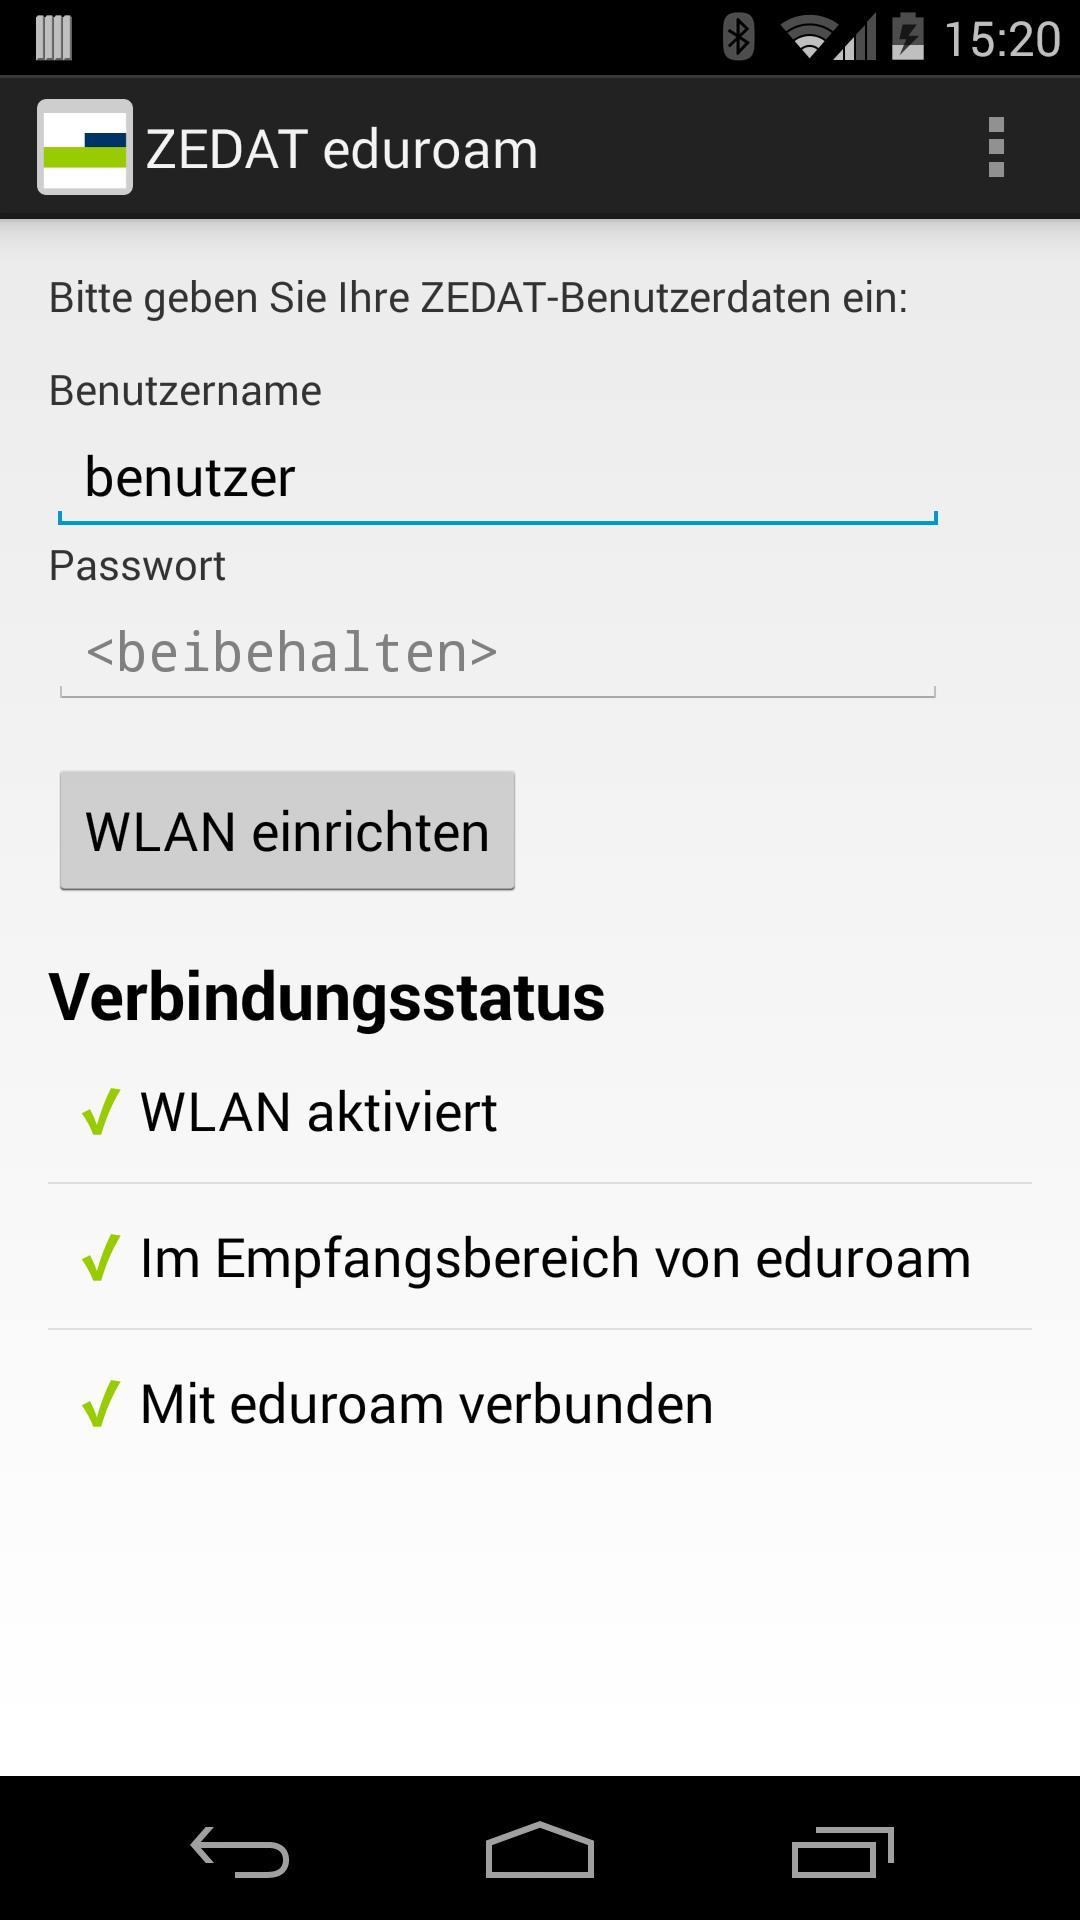 ZEDAT eduroam for Android - APK Download